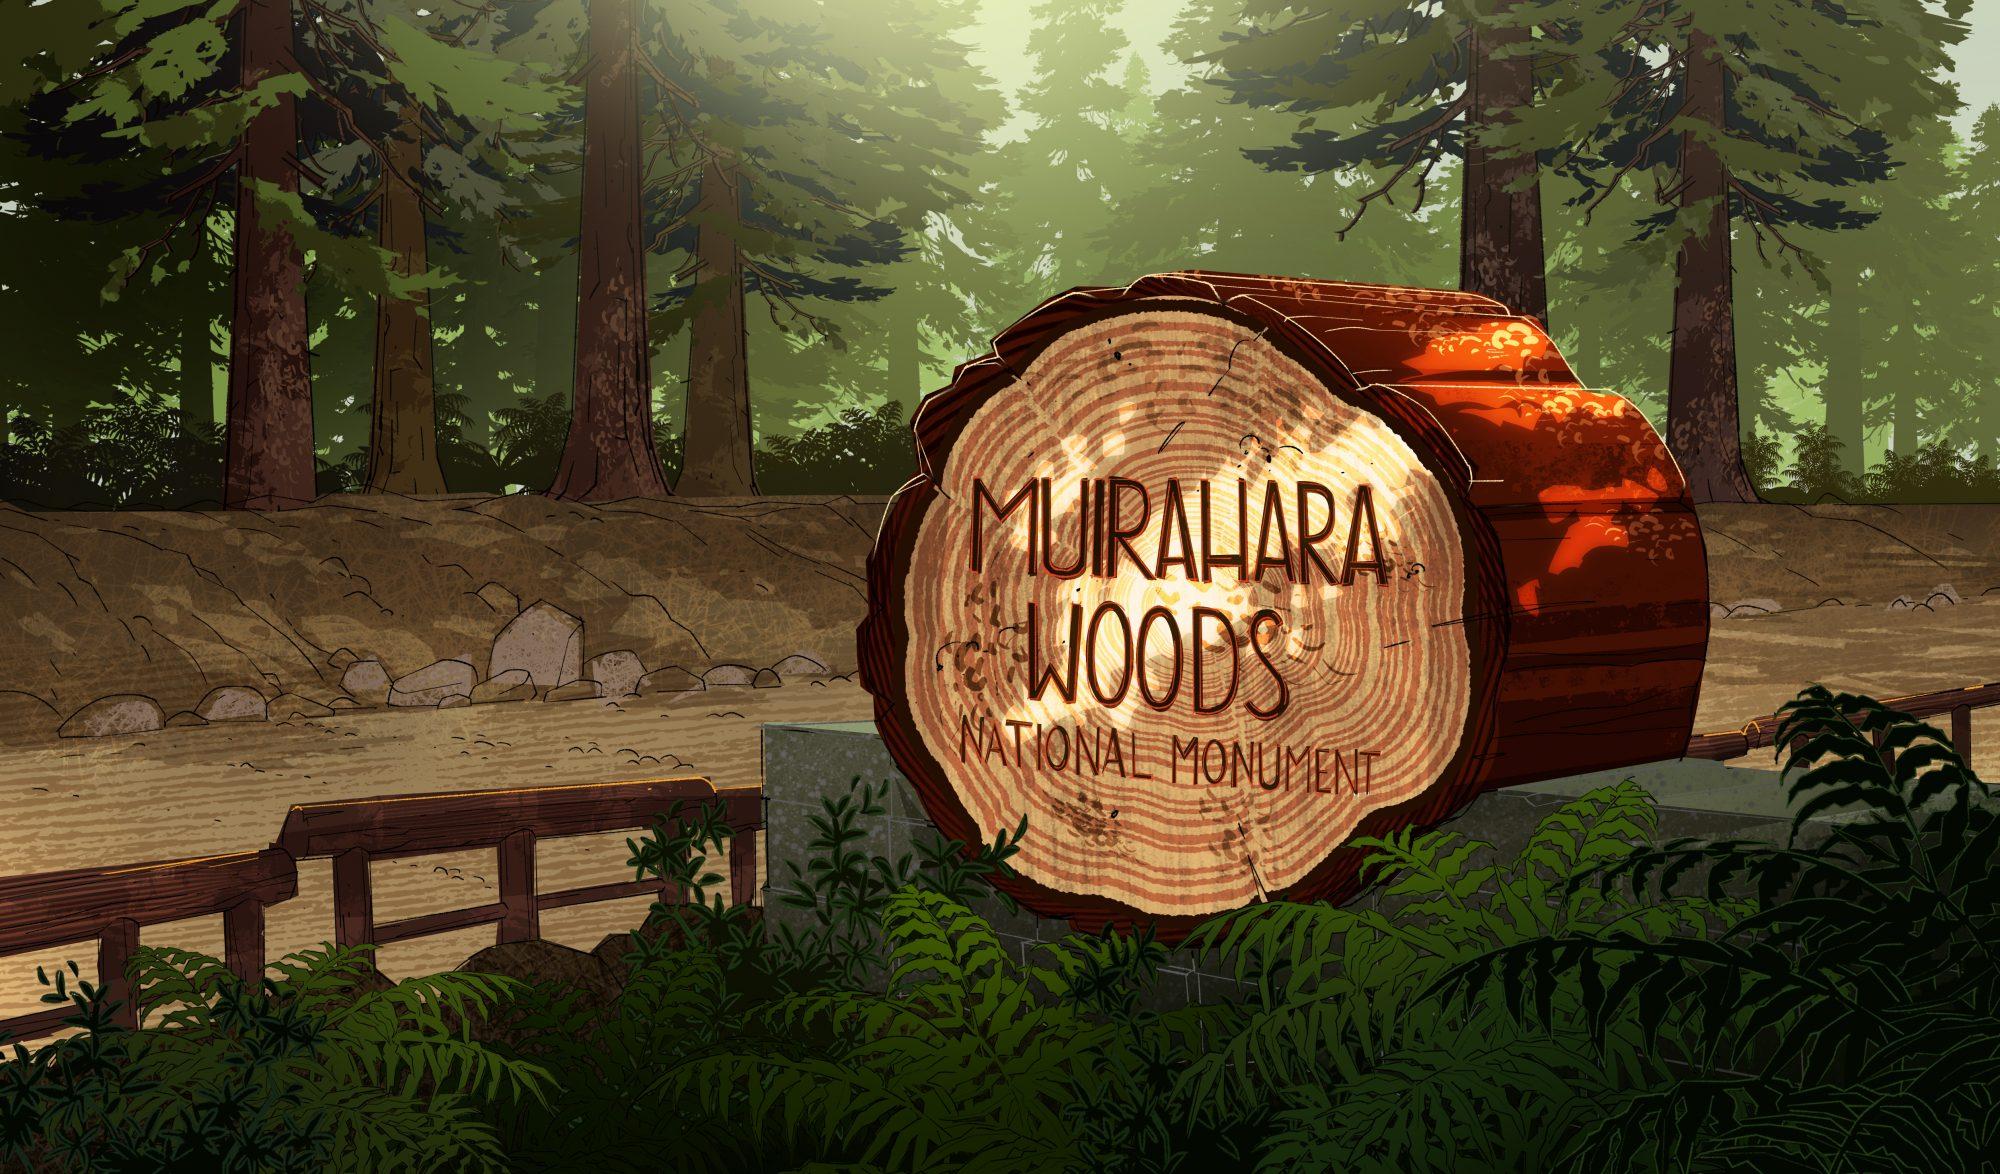 Muirahara-Woods.jpg